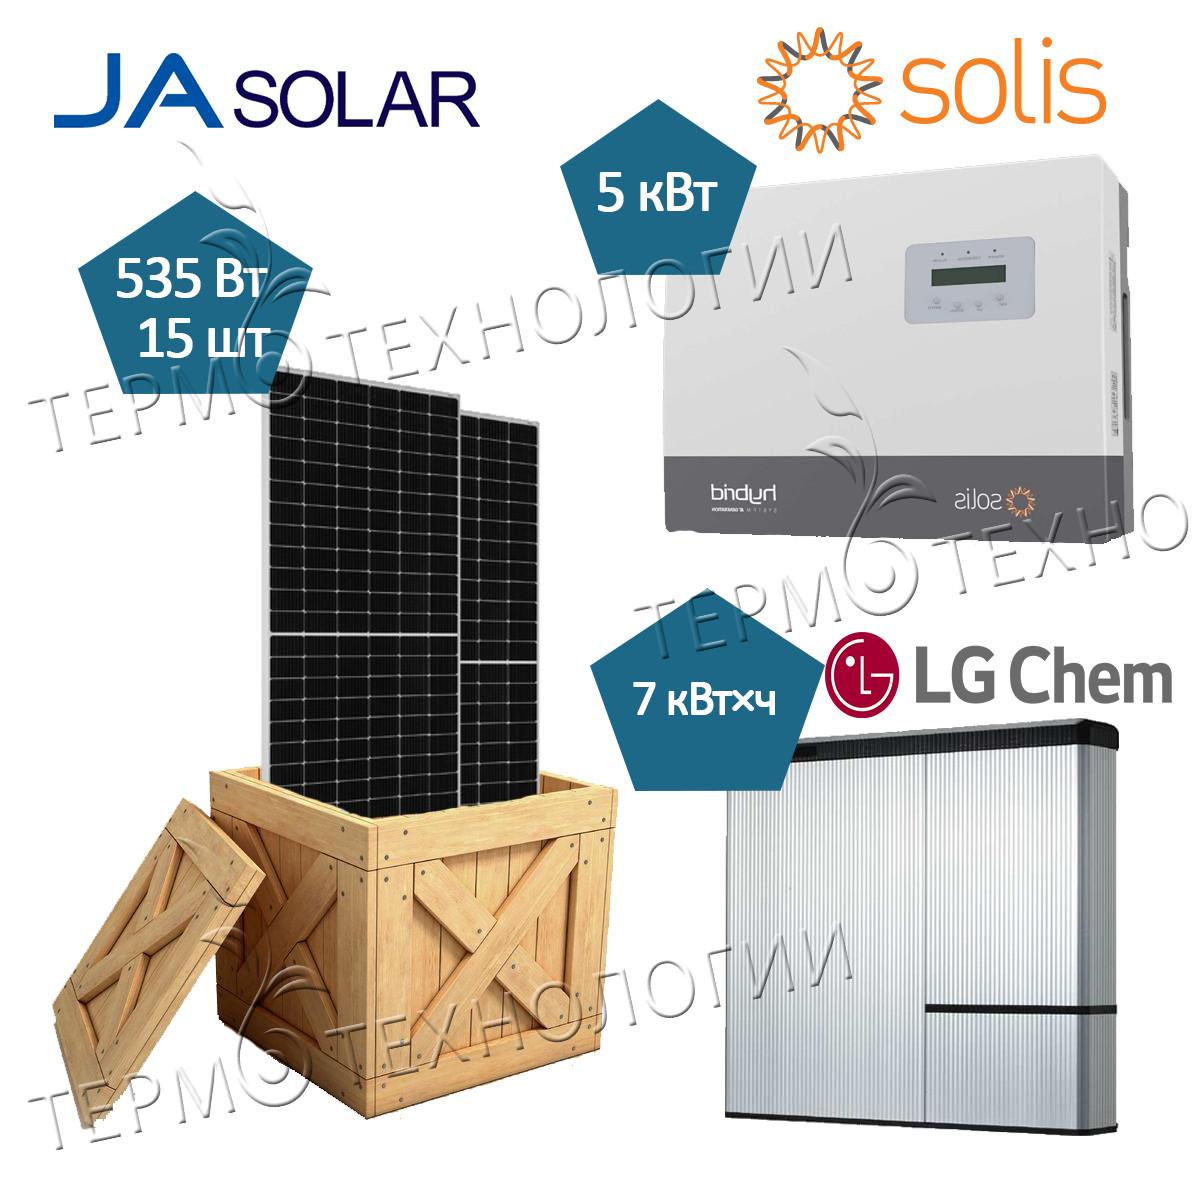 Комплект для гибридной солнечной станции 5 кВт, 3ф Solis и JaSolar 535 Вт